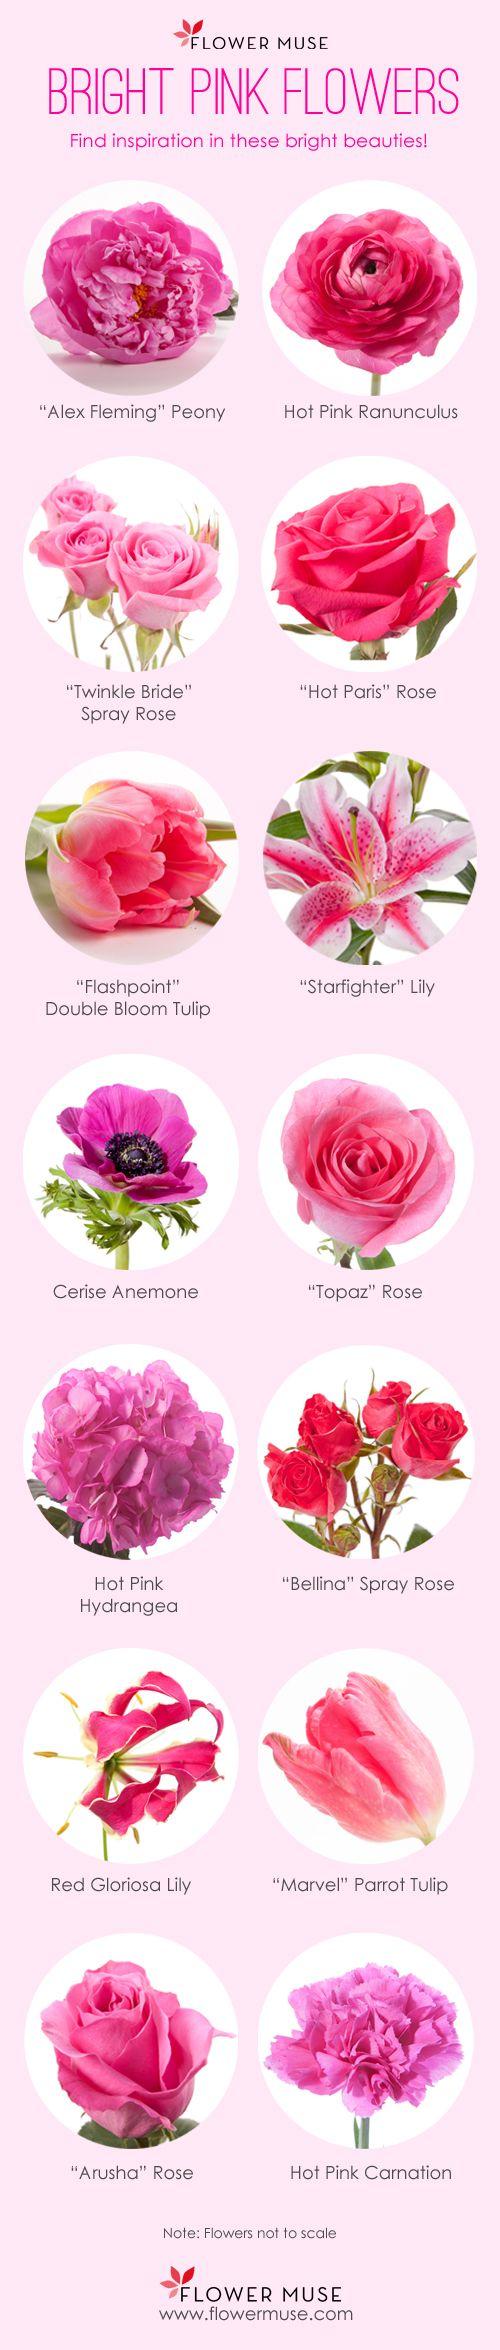 variedades de flores de color rosa fuerte para decoraci243n